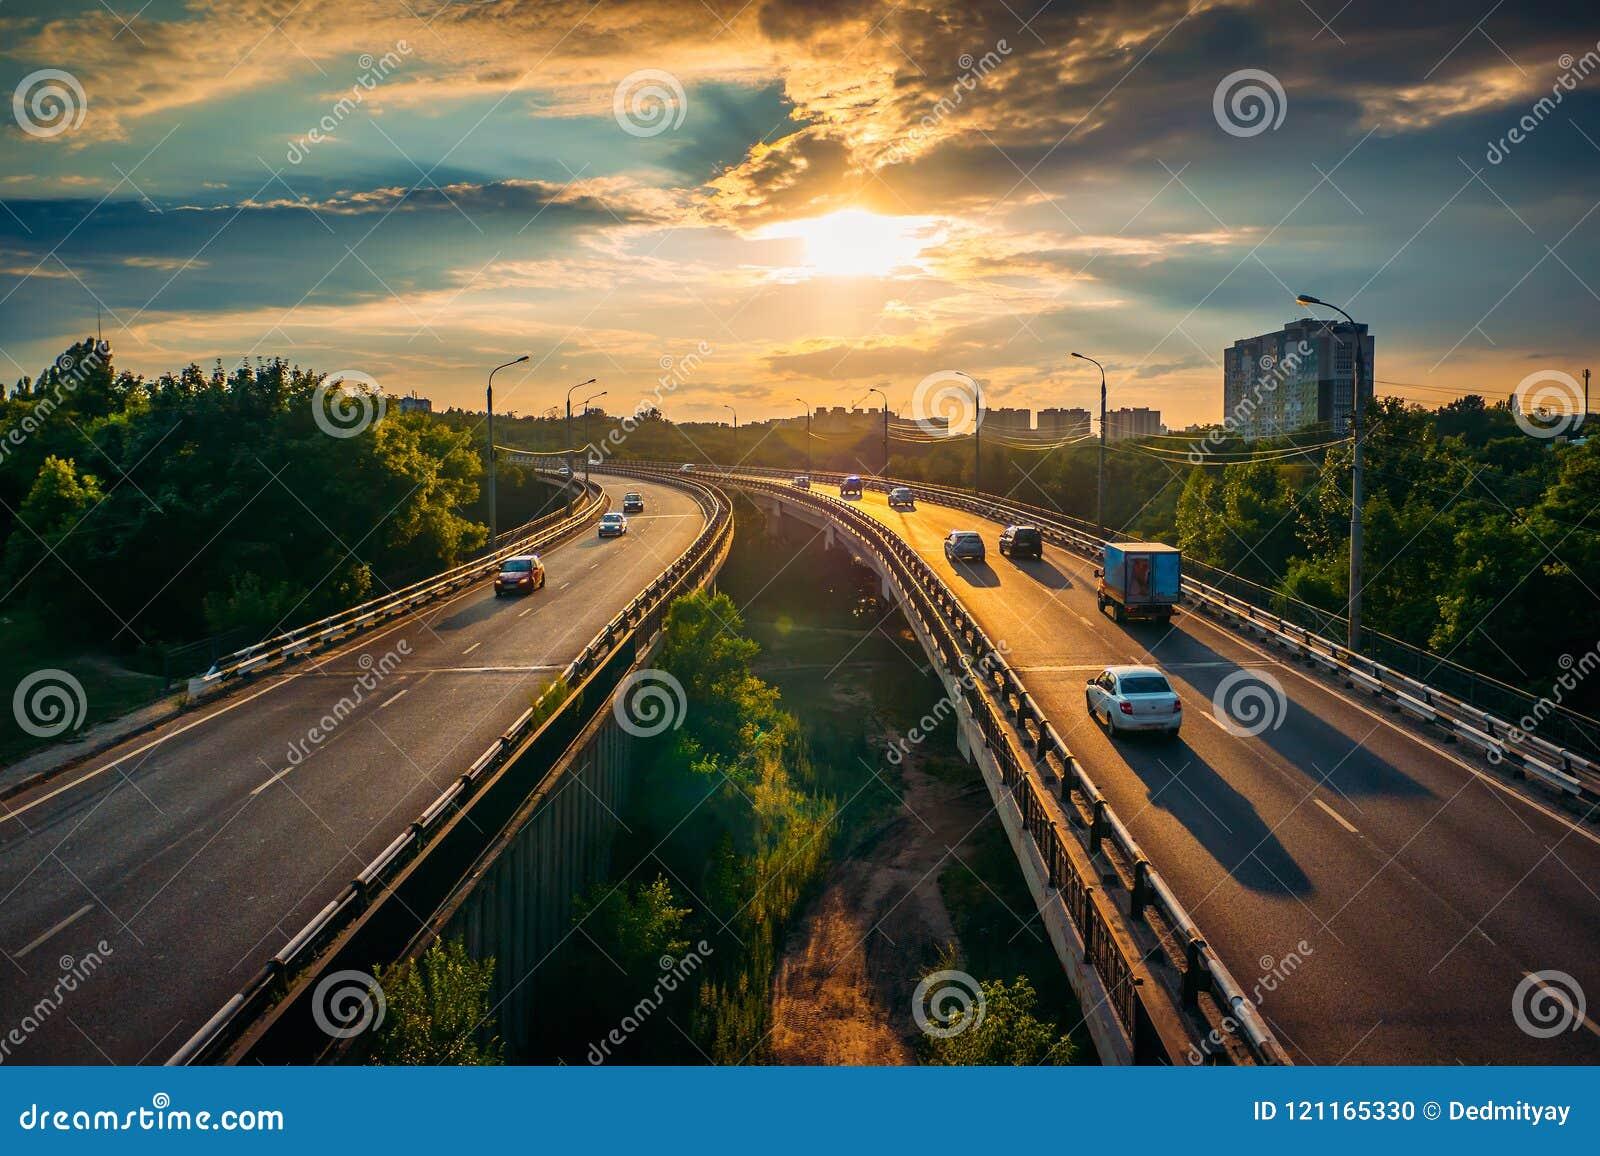 Miasto ruch drogowy na asfaltowej drogi lub autostrady trasie przy zmierzchu czasem, udział samochody jedzie z szybką prędkością,